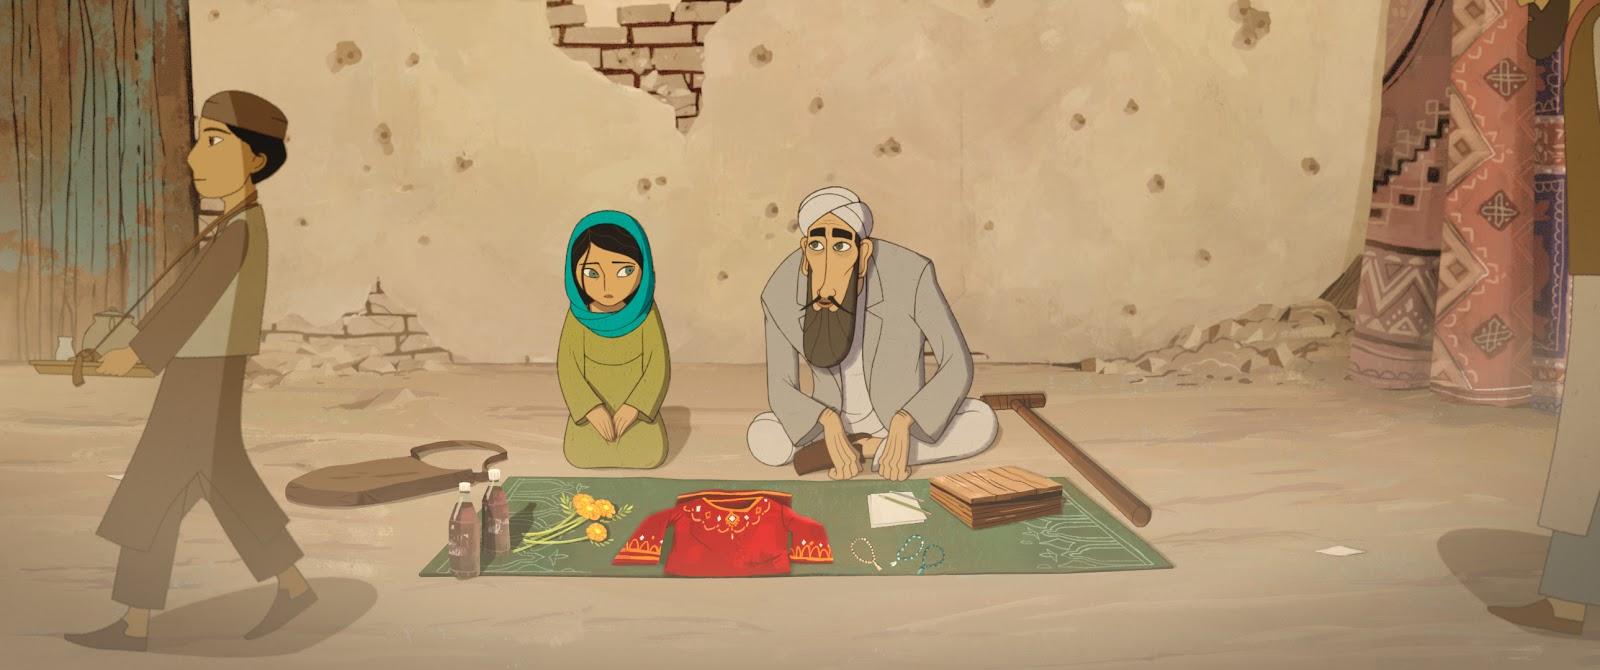 Enfance En Une Critique Et Afghanistan CinémaParvana Plan Bon cJ5TF3luK1